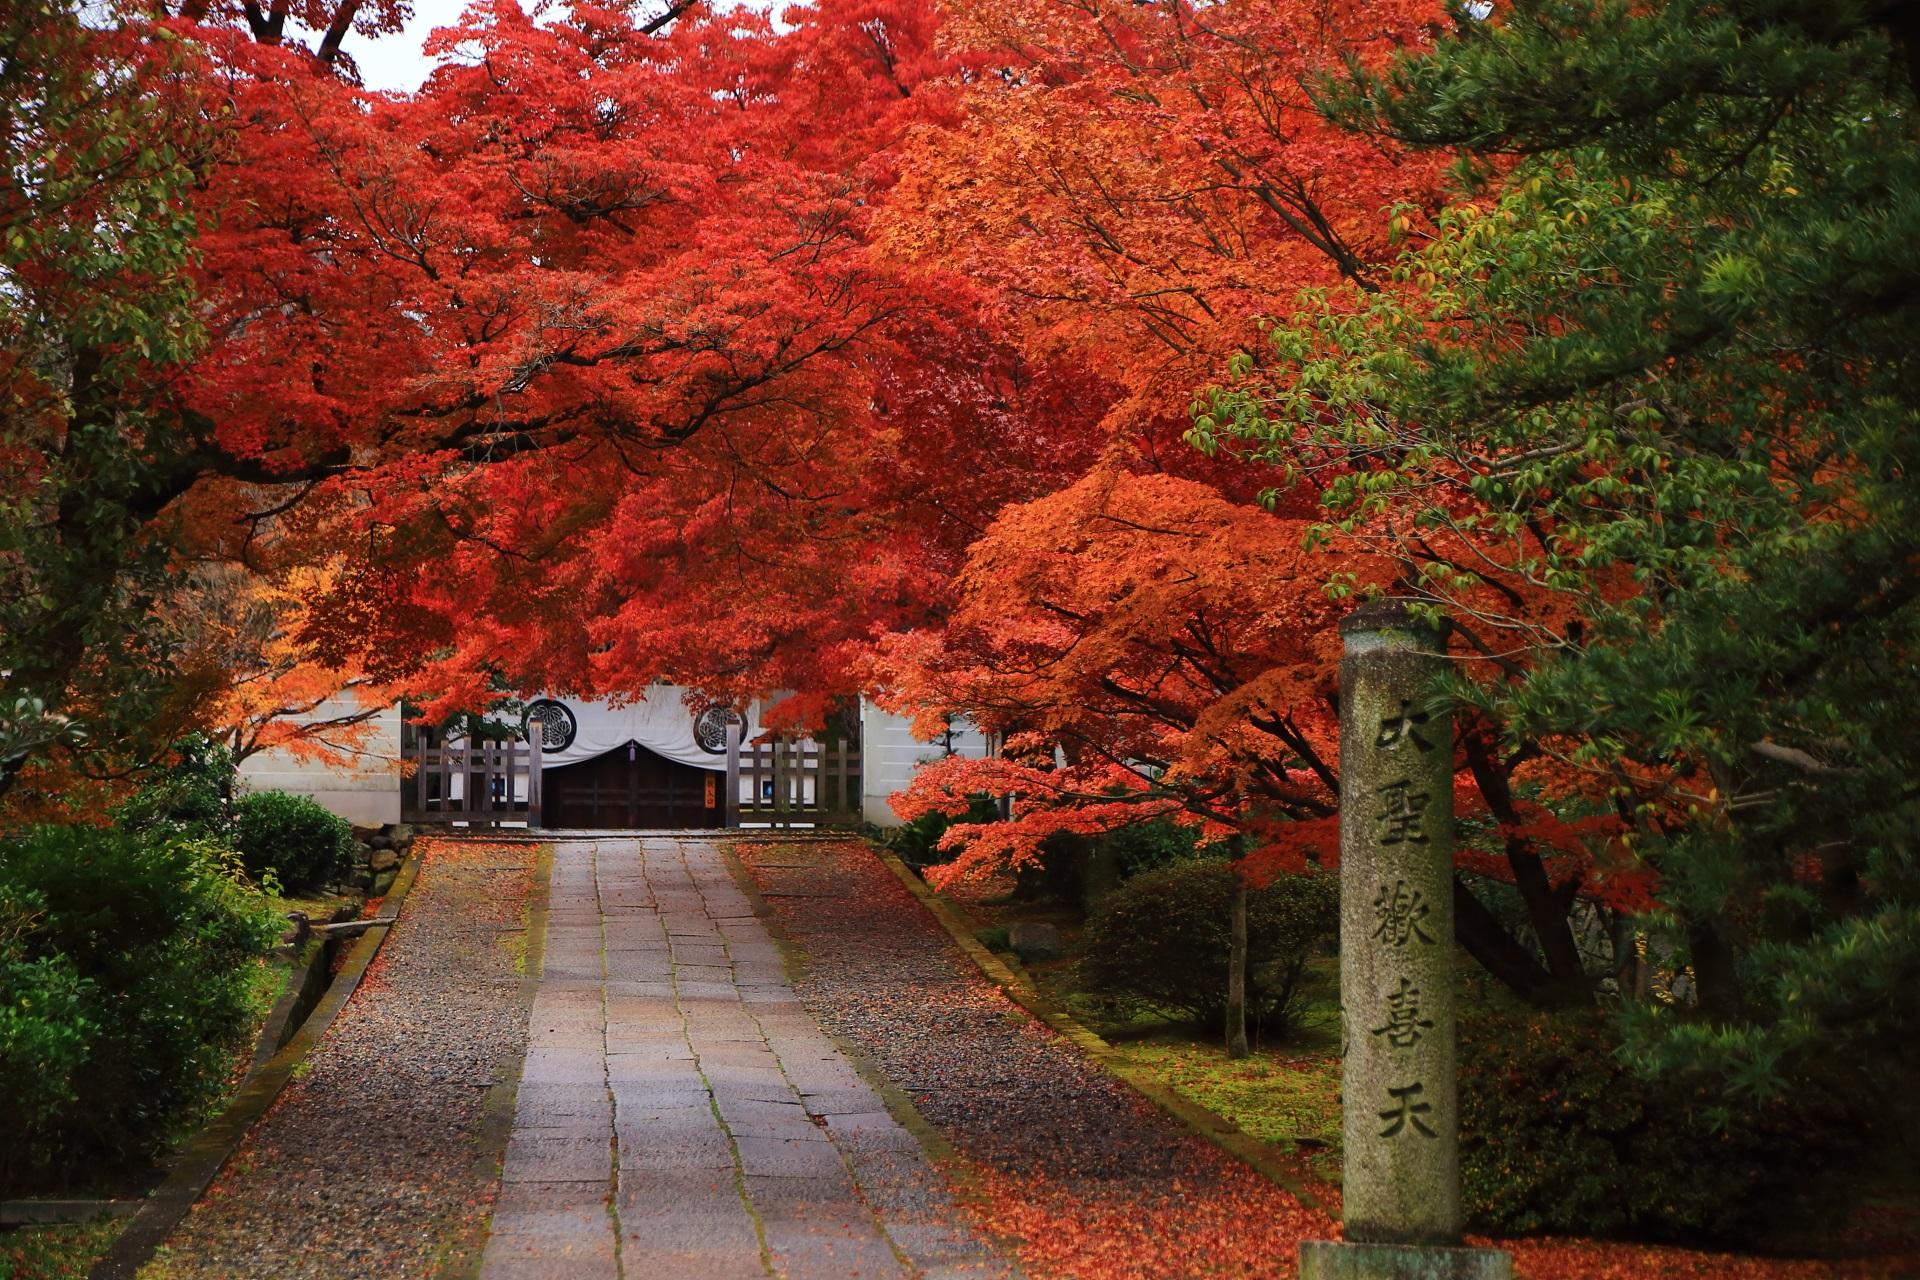 養源院の「大聖天歓喜天」の石柱と参道の紅葉